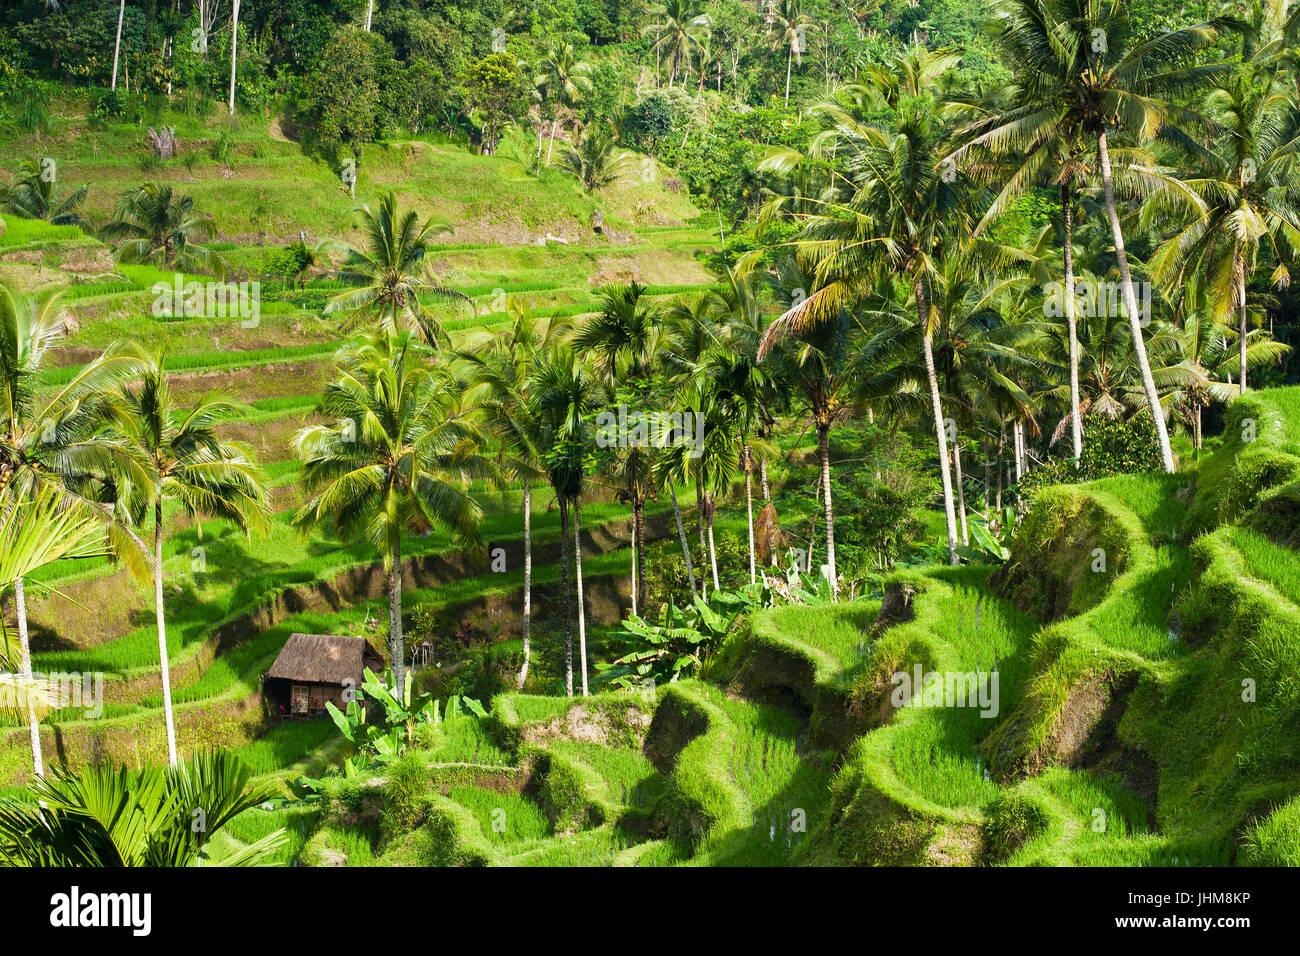 Wunderschönen Reisterrassen in der Morgen Licht, Ubud, Bali, Indonesien. Stockbild